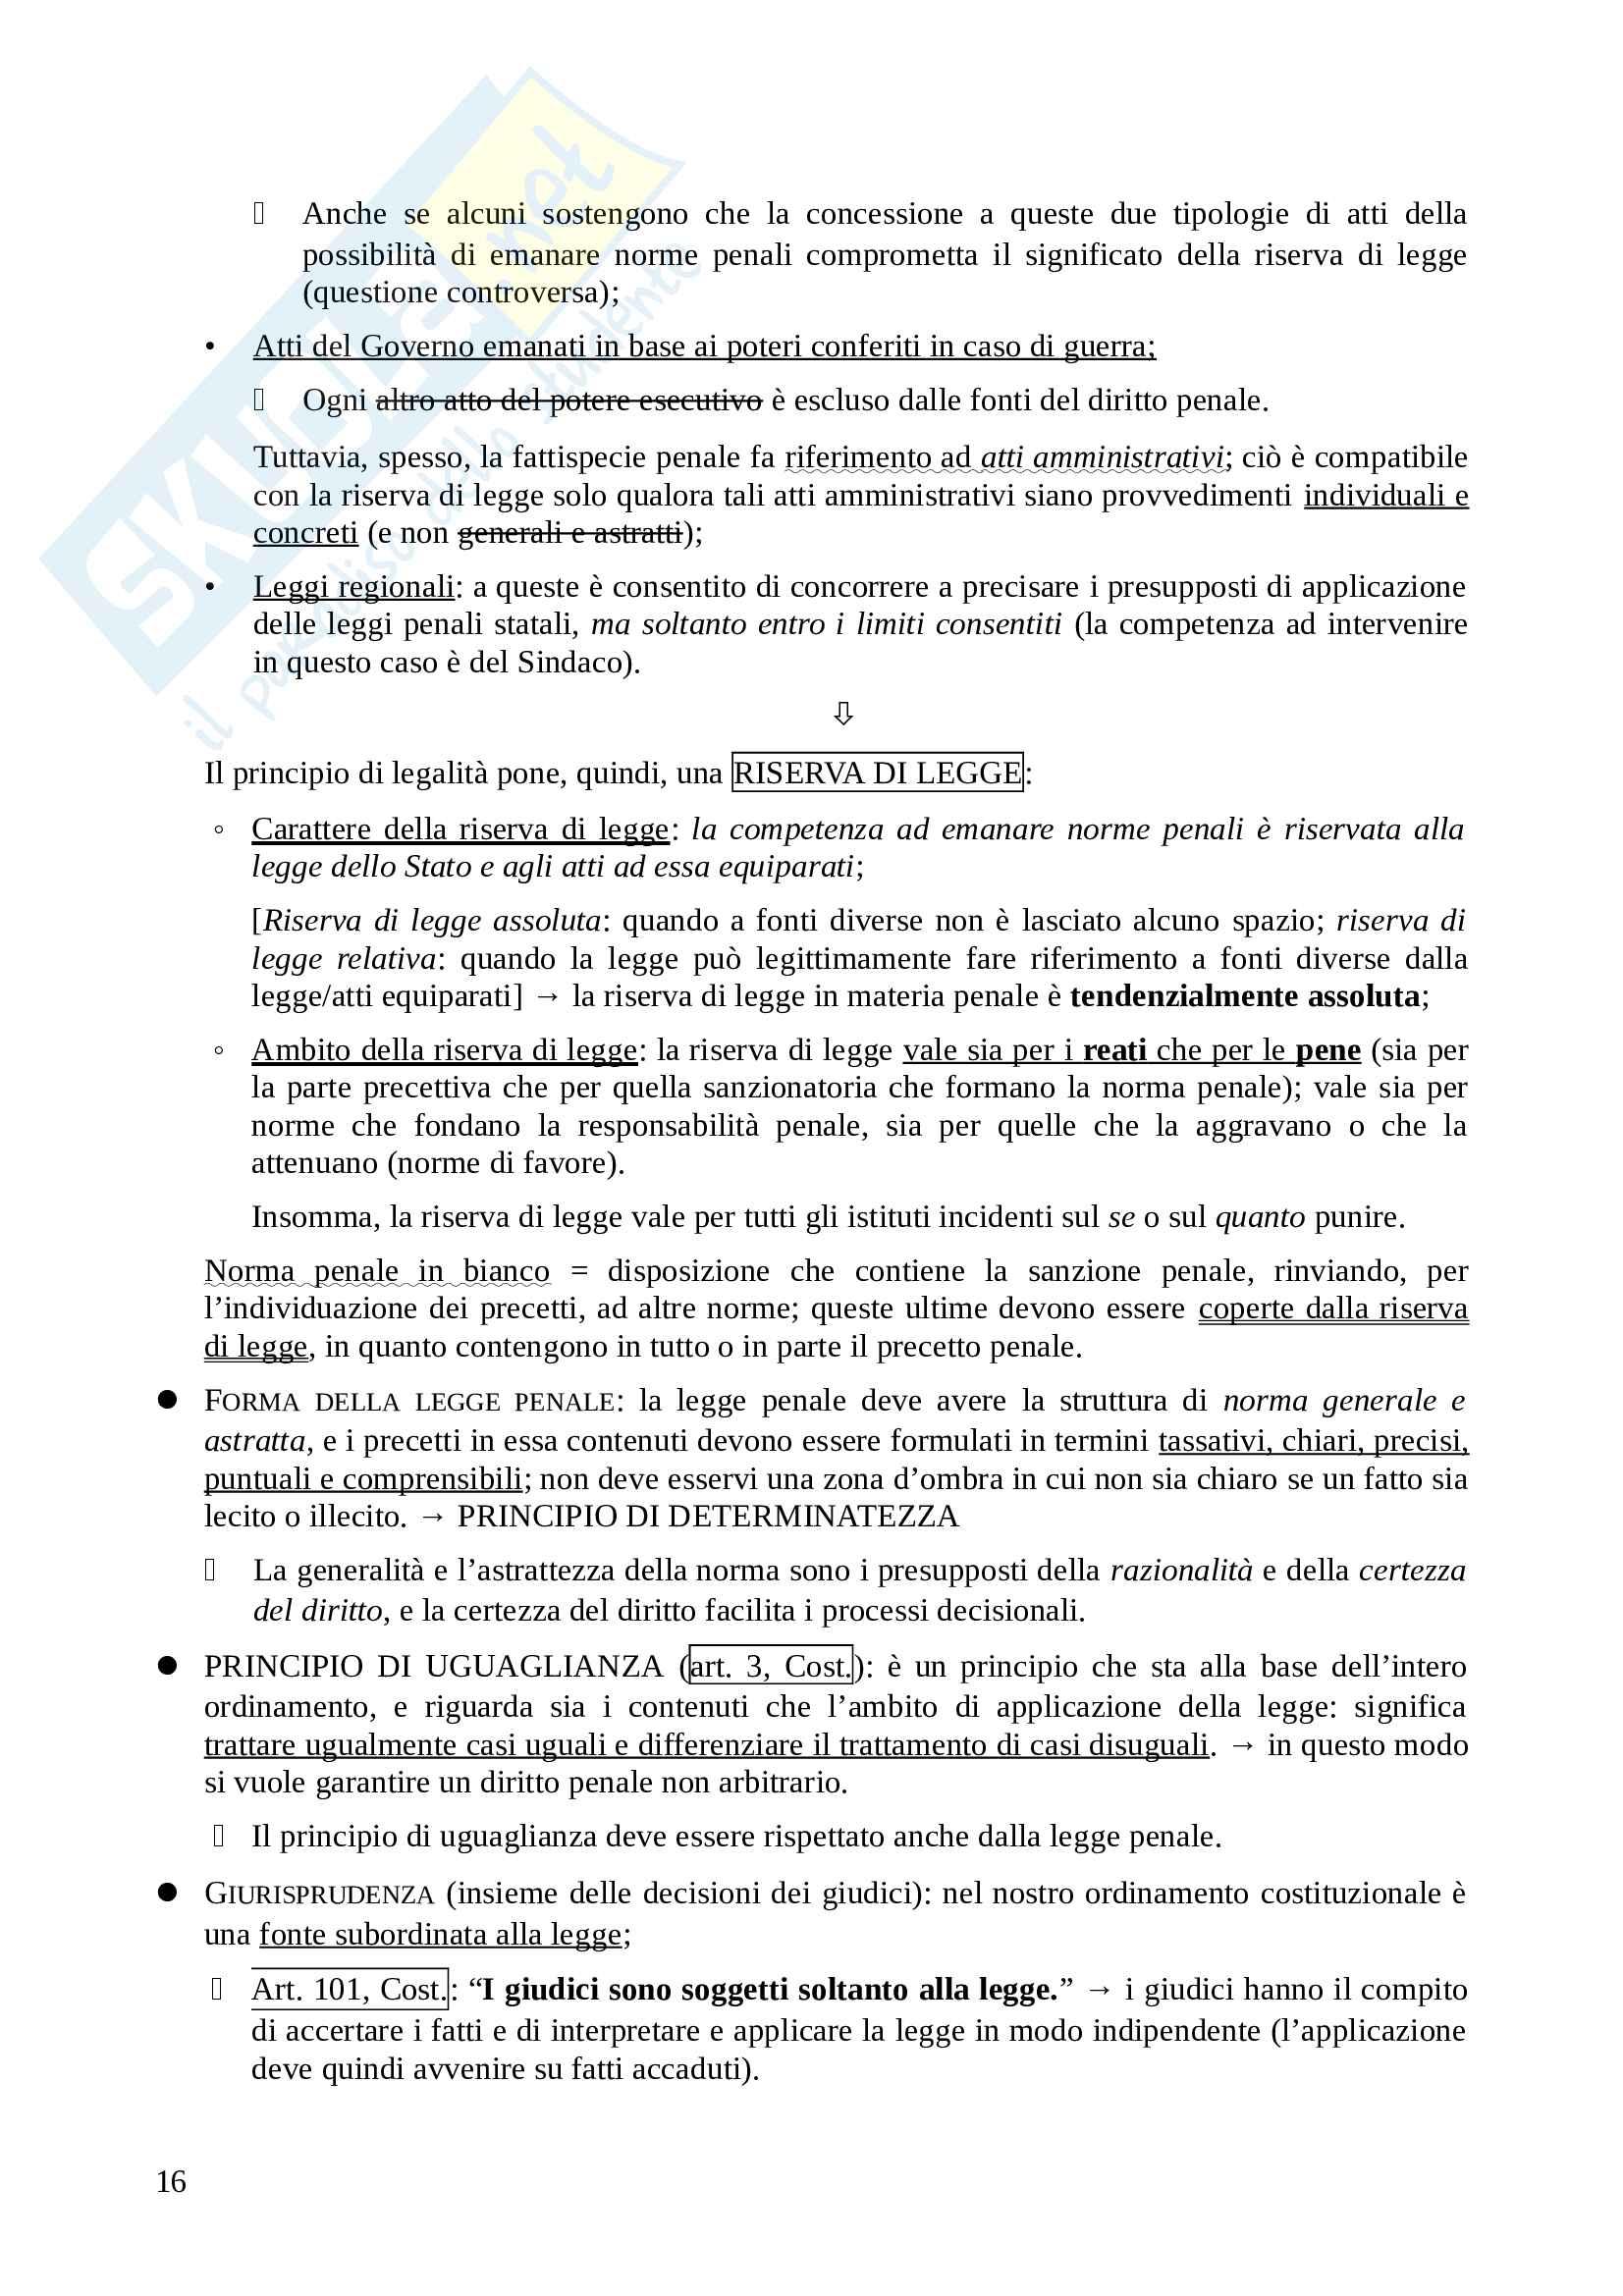 Appunti di diritto penale - parte generale, prof. Pighi, libro consigliato Diritto penale, Pulitanò Pag. 16